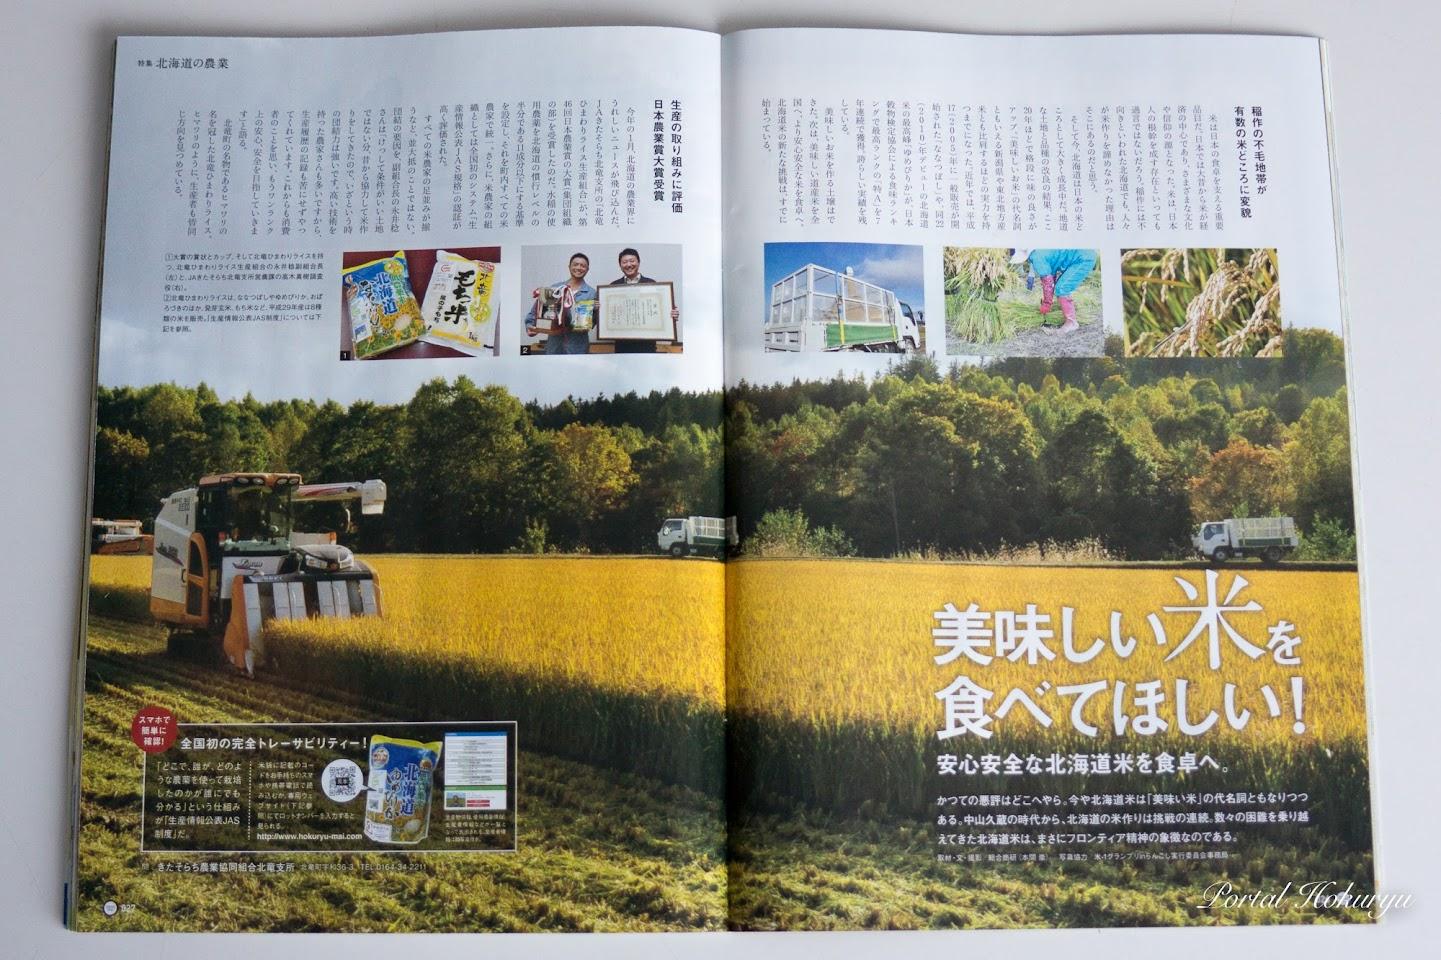 日本農業賞大賞を受賞(P.26〜P.27)